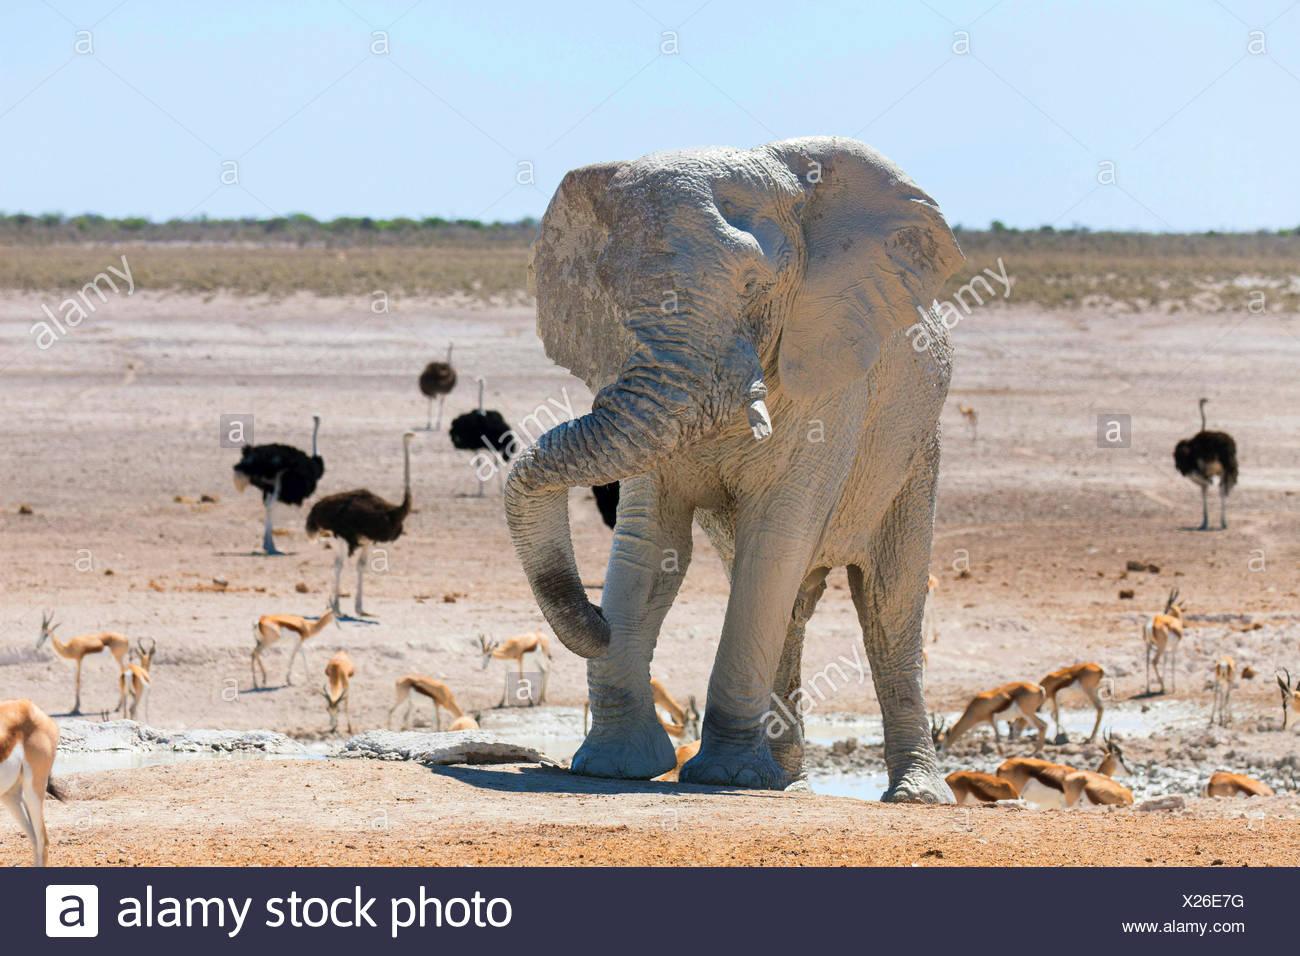 African elephant (Loxodonta africana), elefant after mud bath in a waterhole with impalas and ostriches, Namibia, Etosha , Etosha National Park, Naumutoni Stock Photo